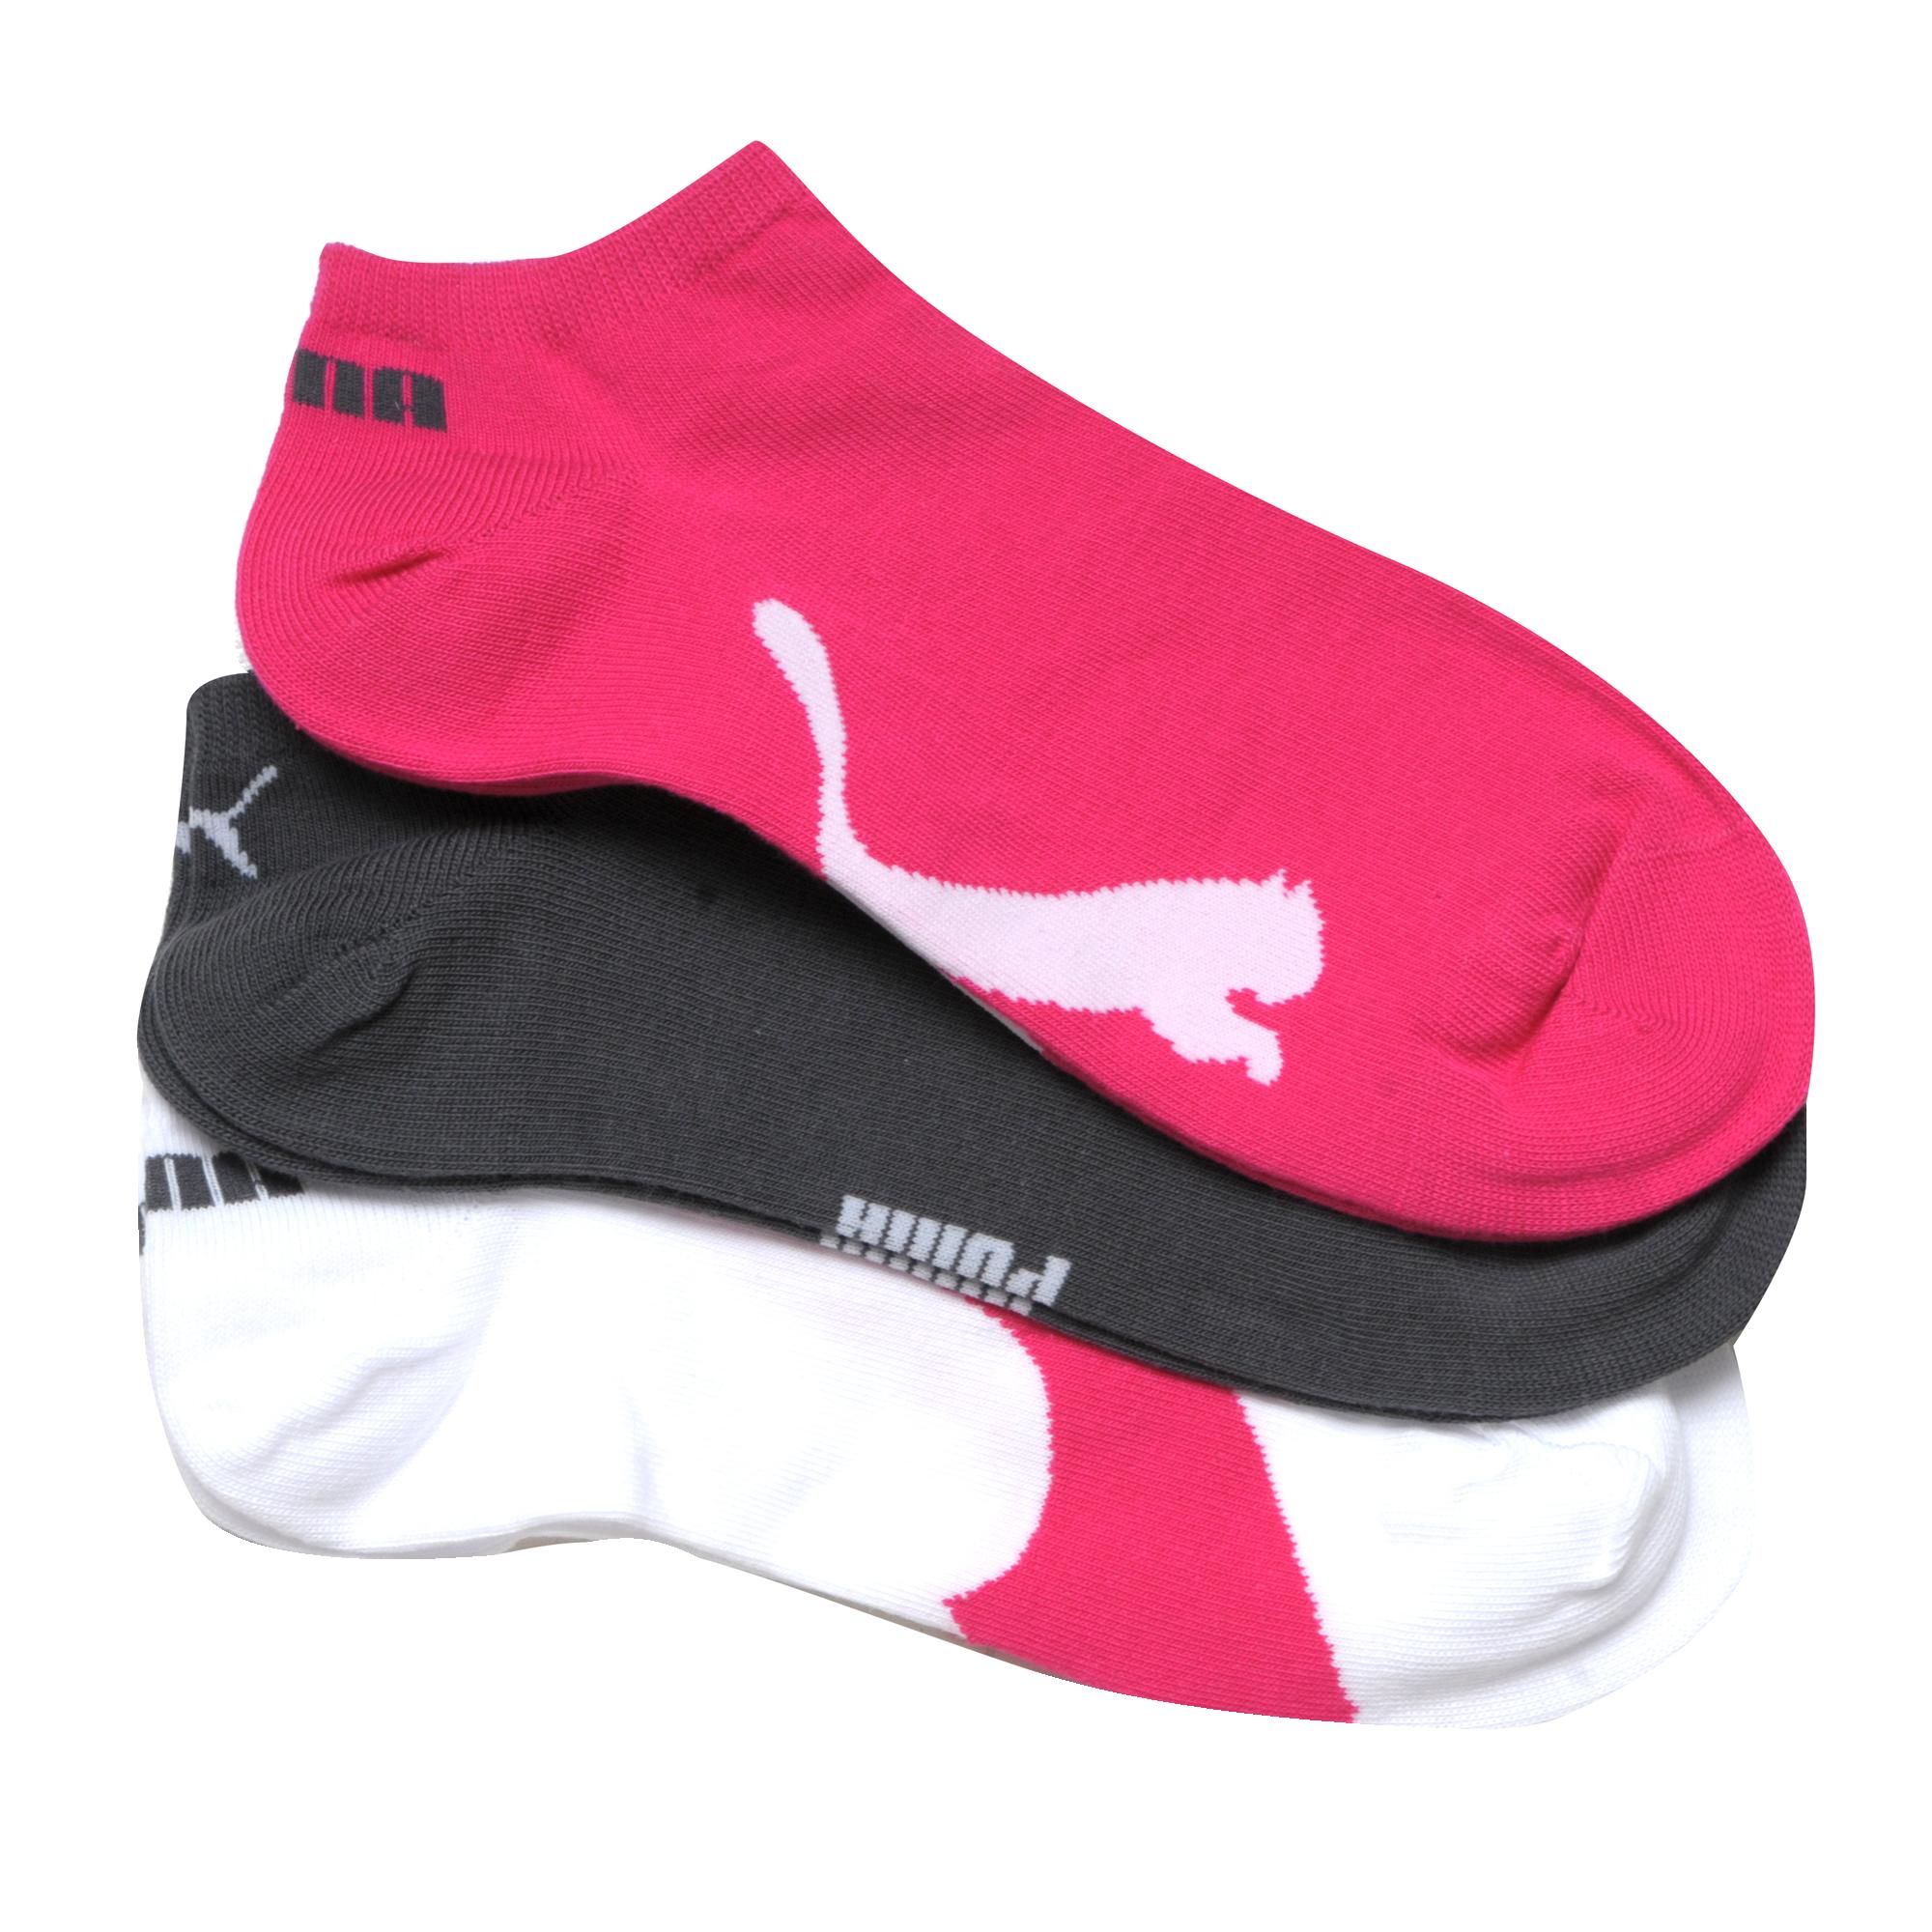 Puma 3 Pack Socks Multi